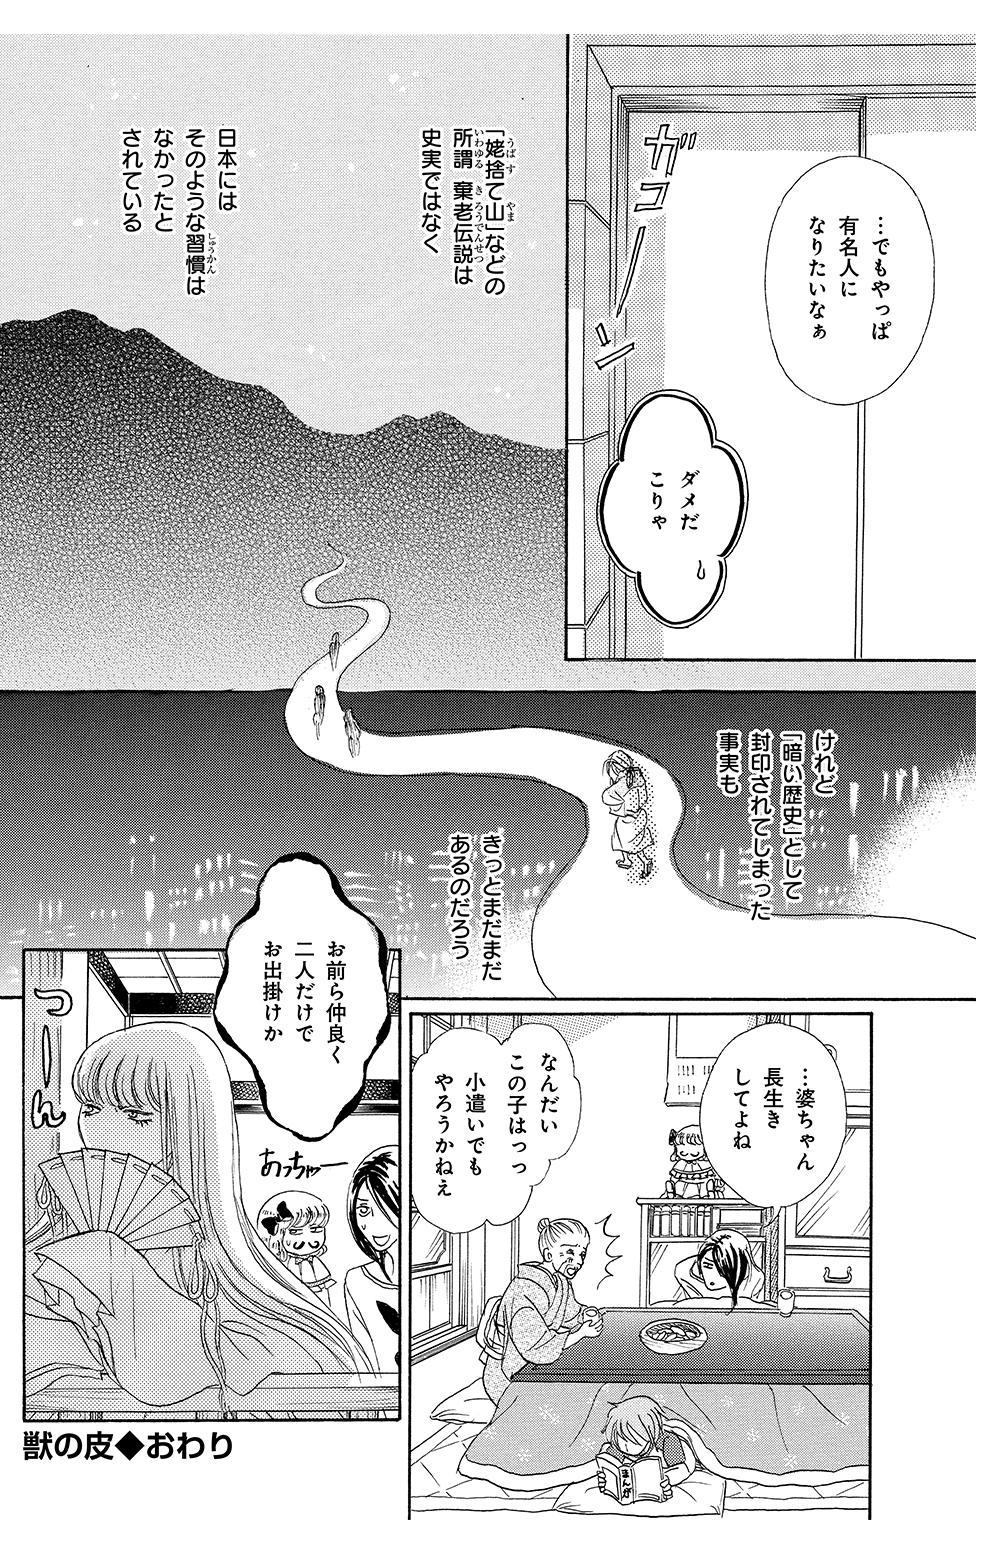 伊集院月丸の残念な霊能稼業 第1話「獣の皮」②ijuin-2-17.jpg